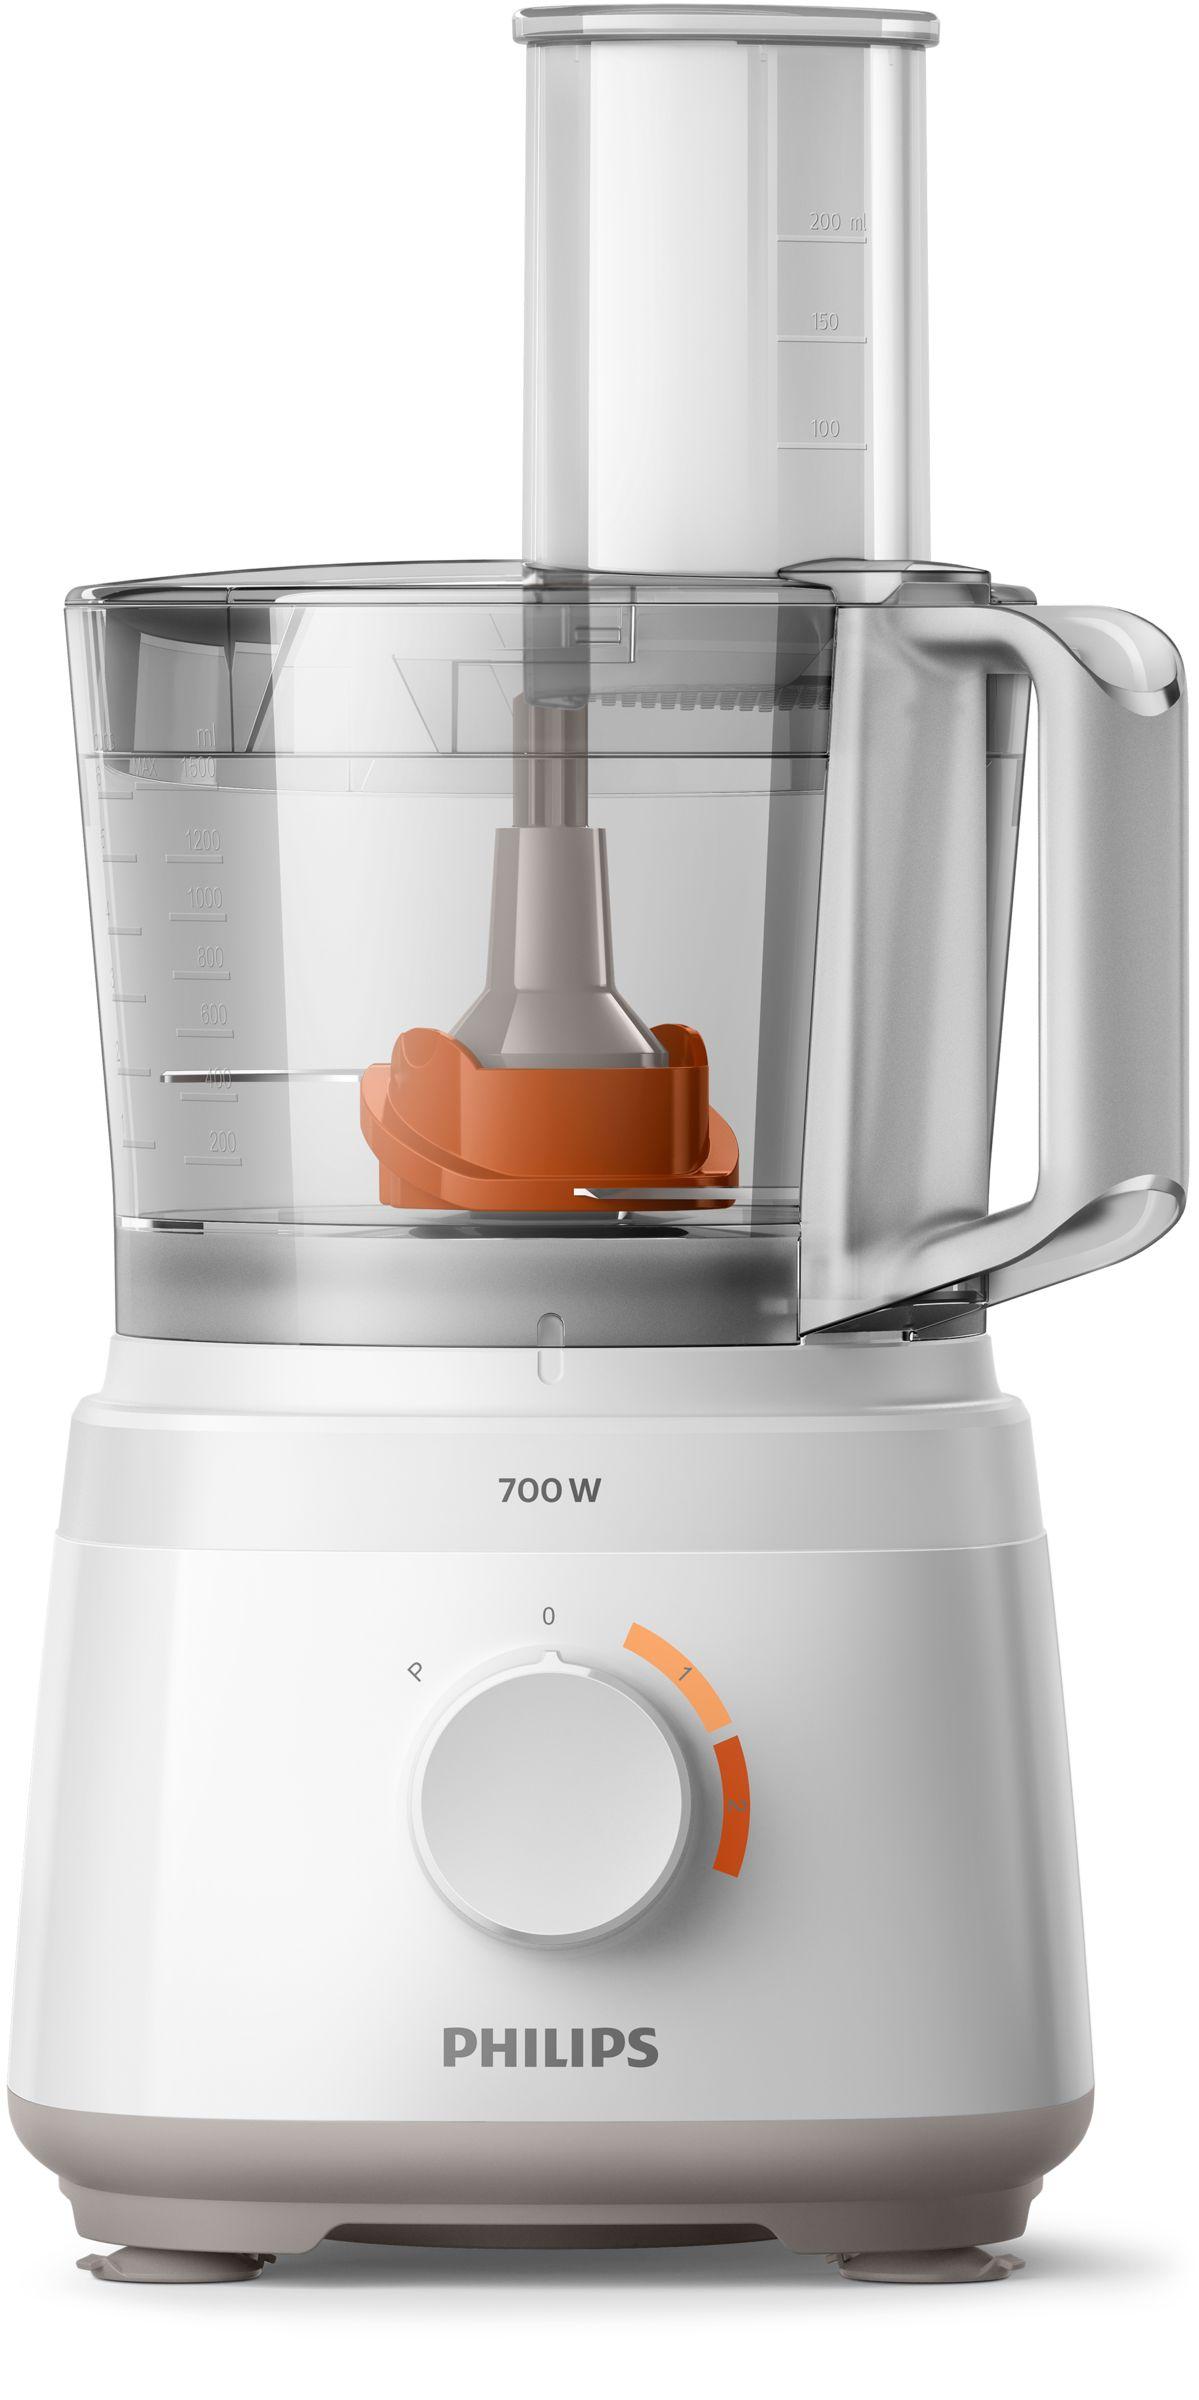 Philips Daily Collection 700 W 16 funzioni Robot da cucina compatto